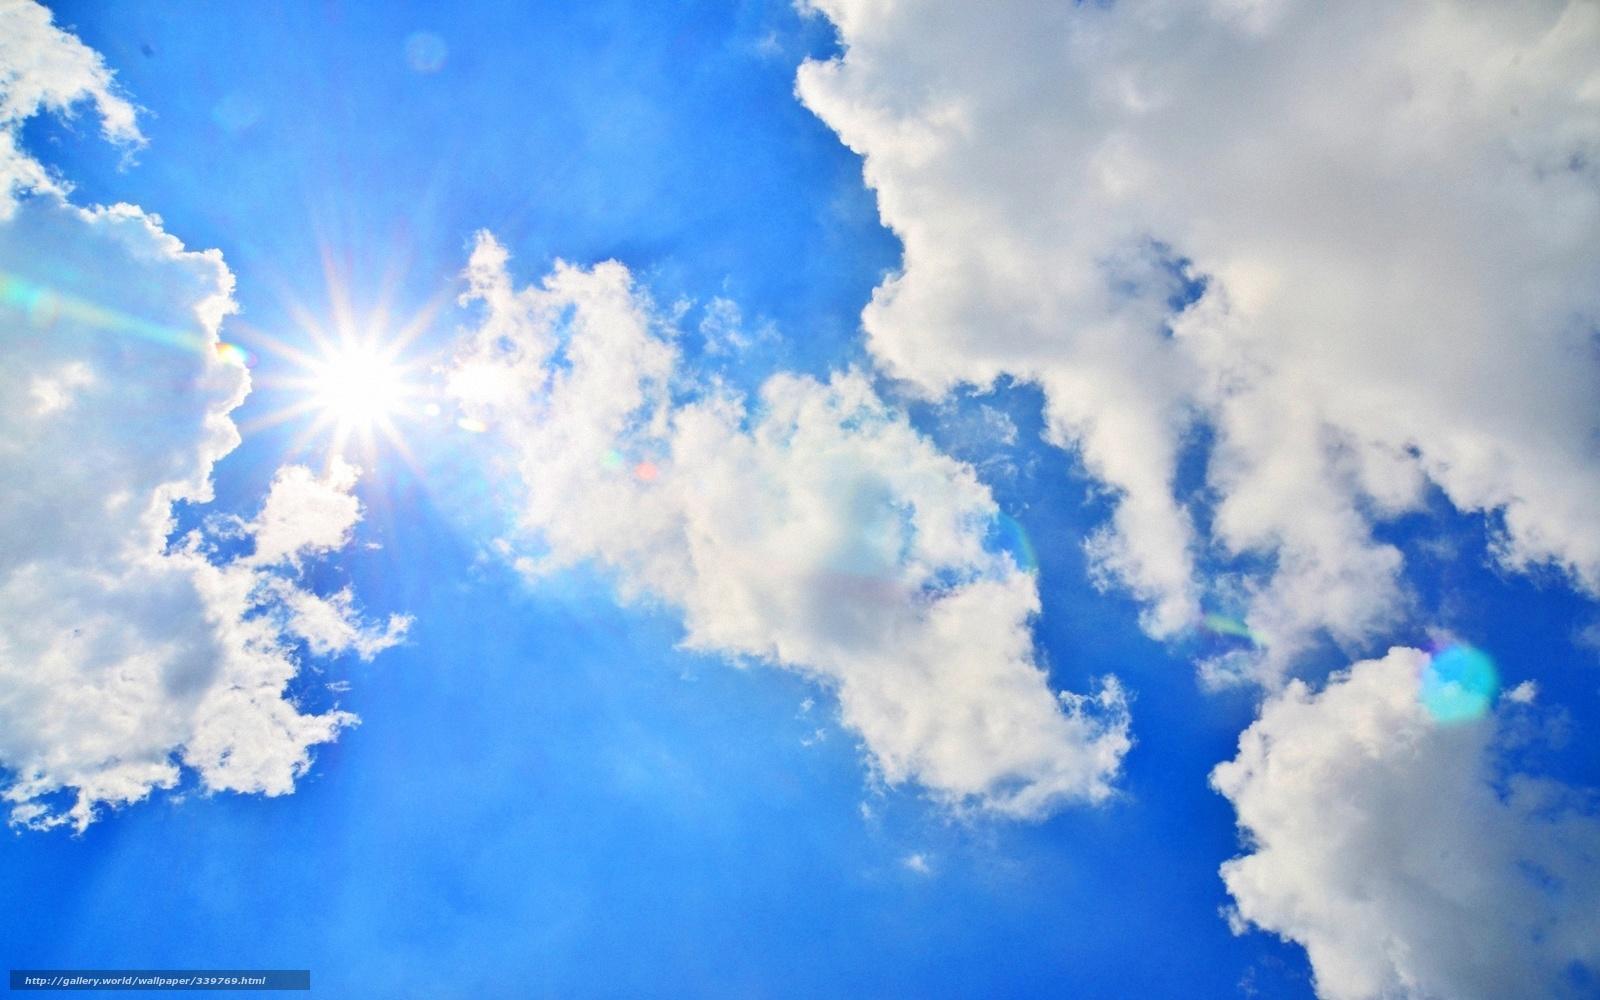 Tlcharger fond d 39 ecran bleu ciel nuages soleil fonds d for Fond full hd